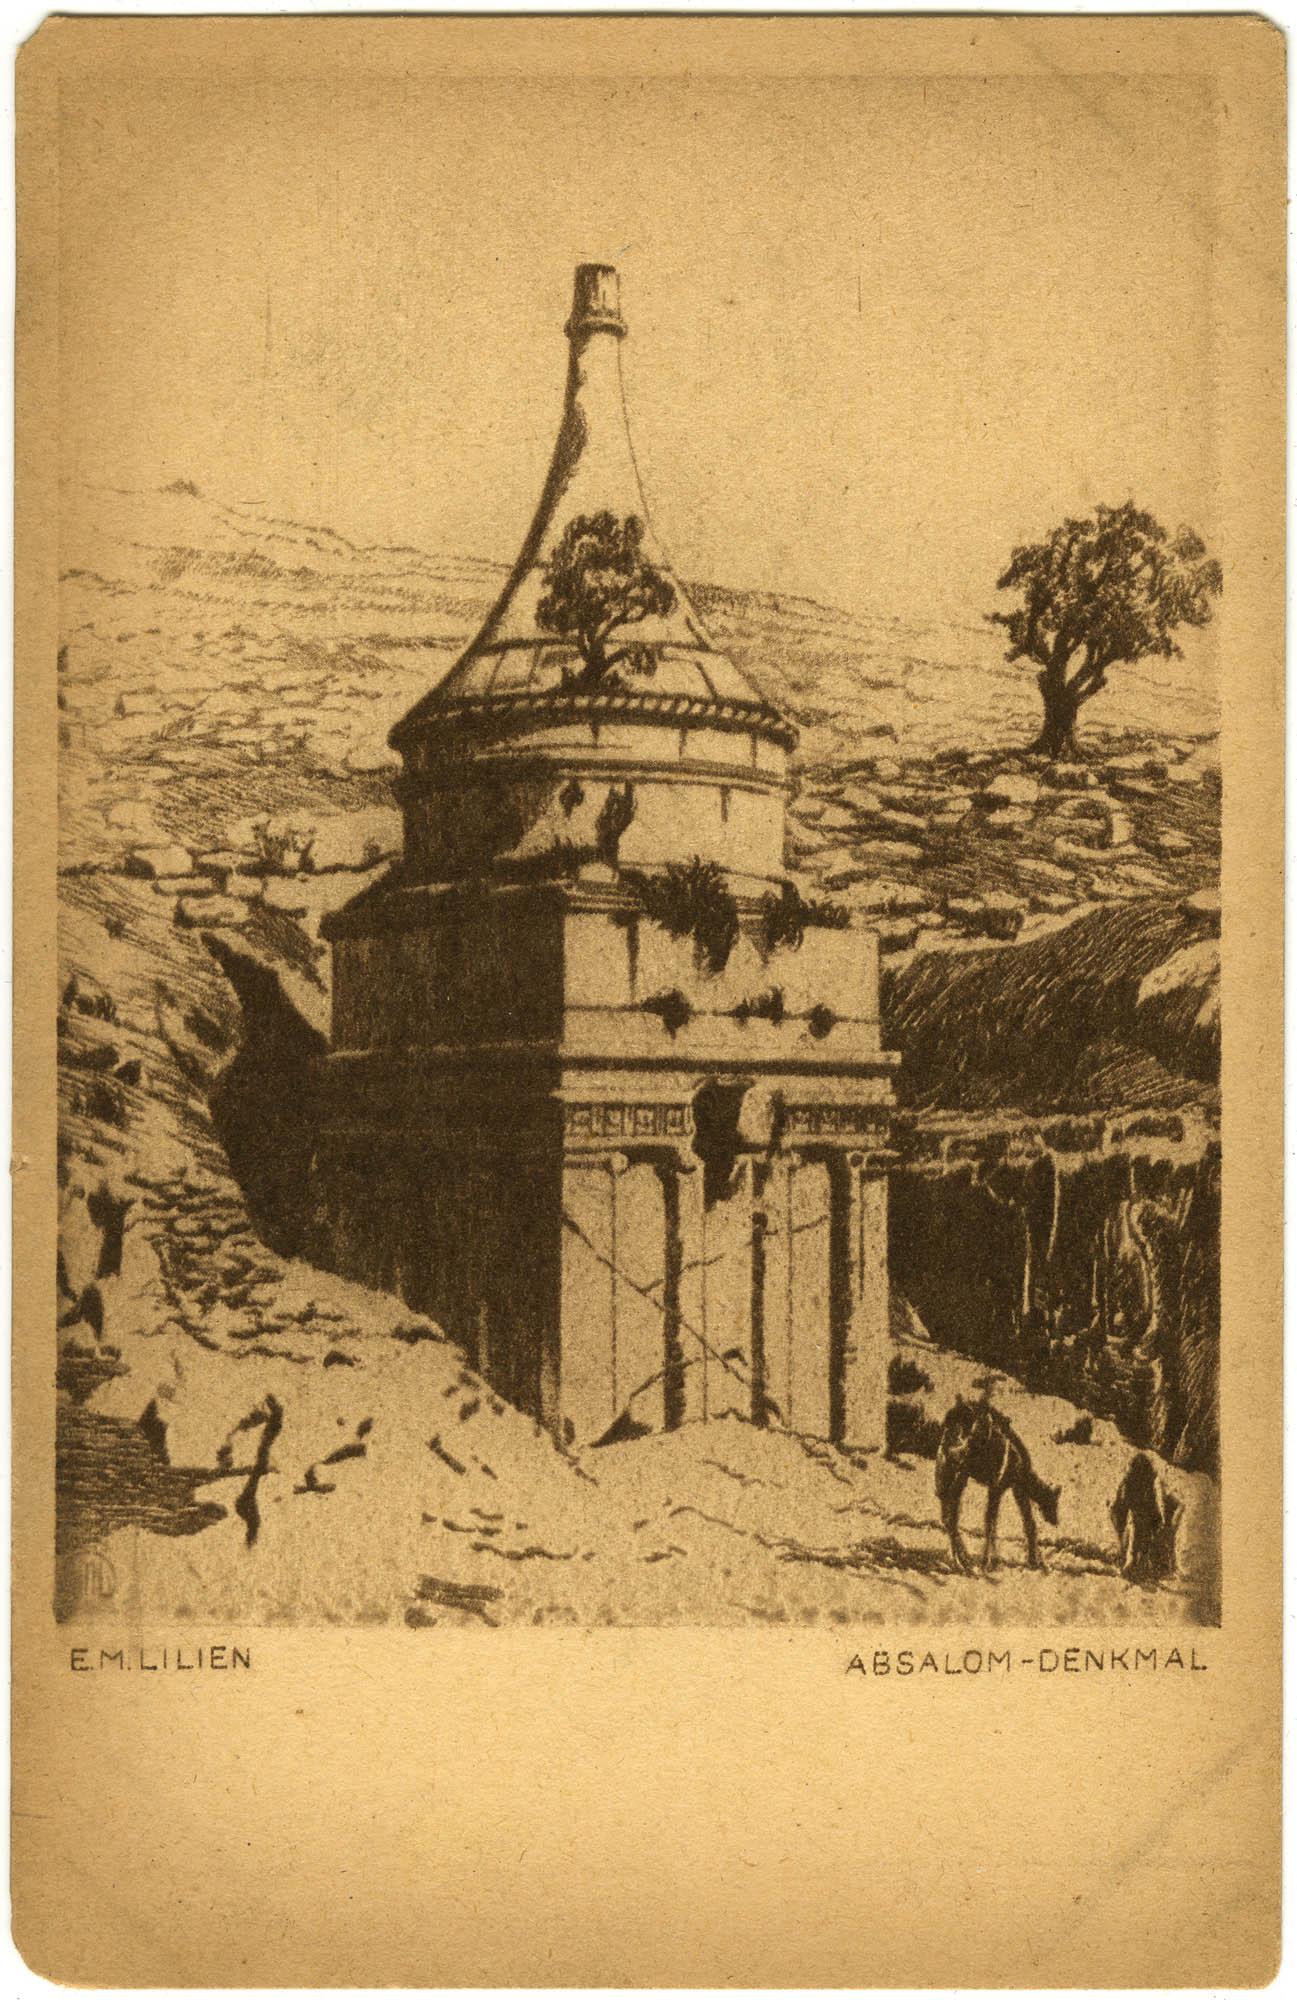 Absalom-Denkmal